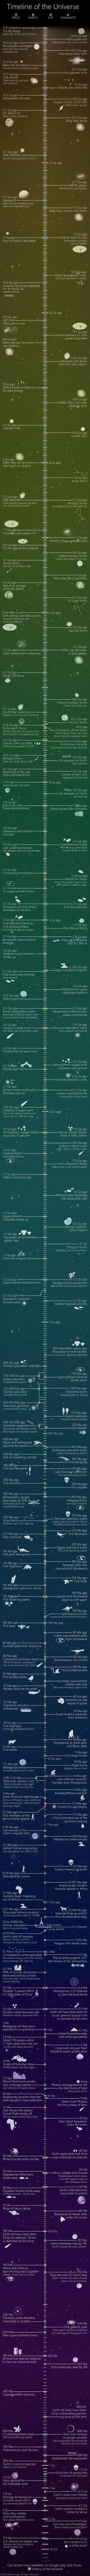 Universe-timeline-01-goog